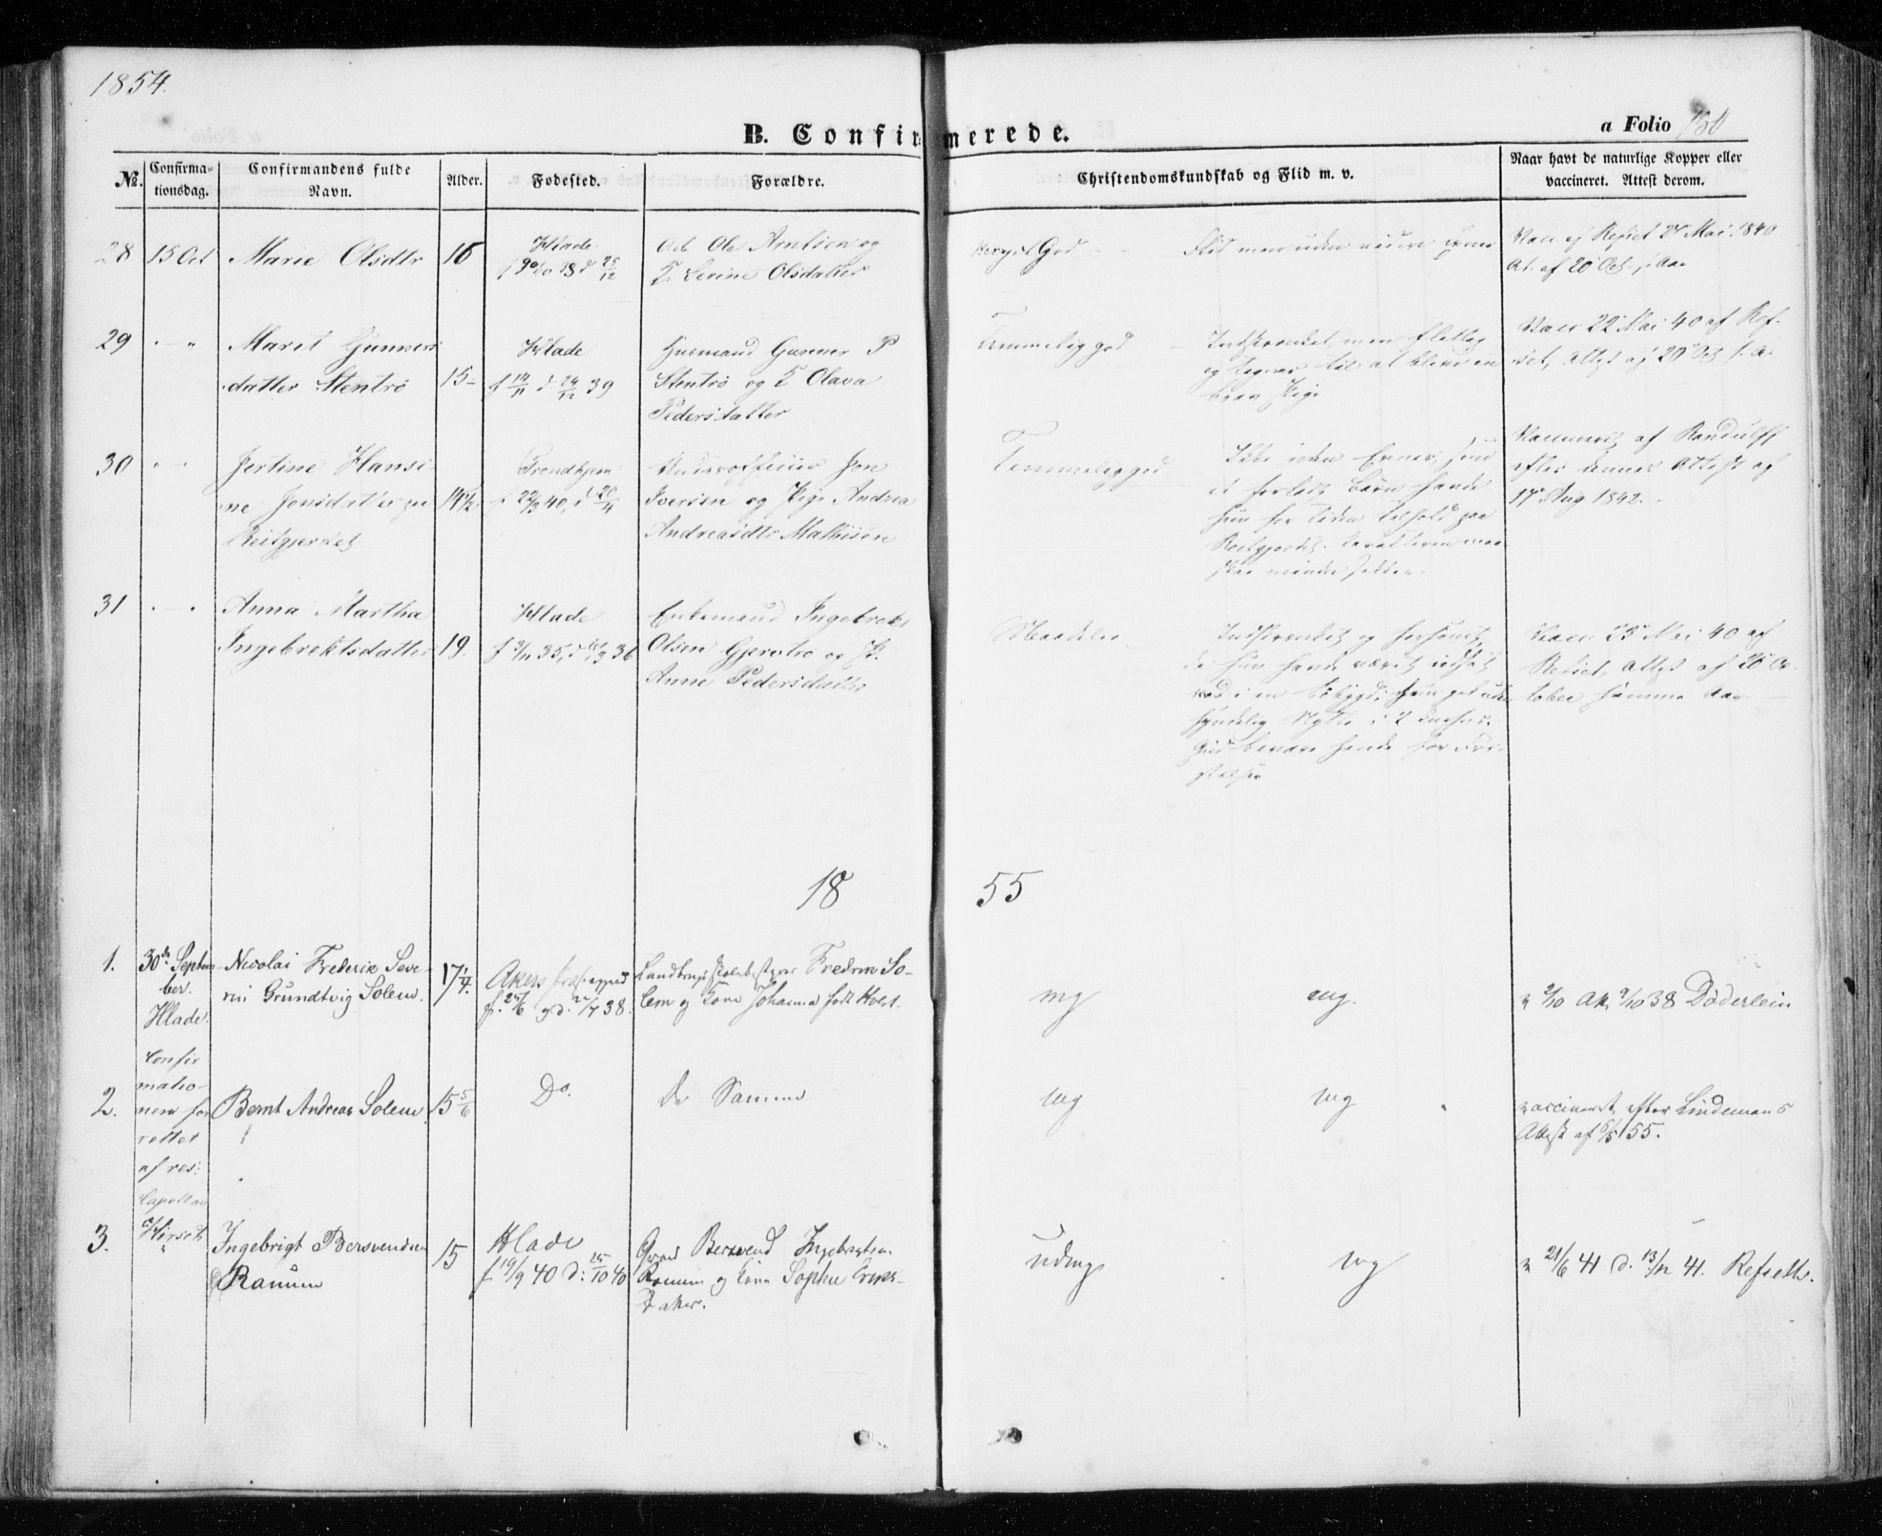 SAT, Ministerialprotokoller, klokkerbøker og fødselsregistre - Sør-Trøndelag, 606/L0291: Ministerialbok nr. 606A06, 1848-1856, s. 180